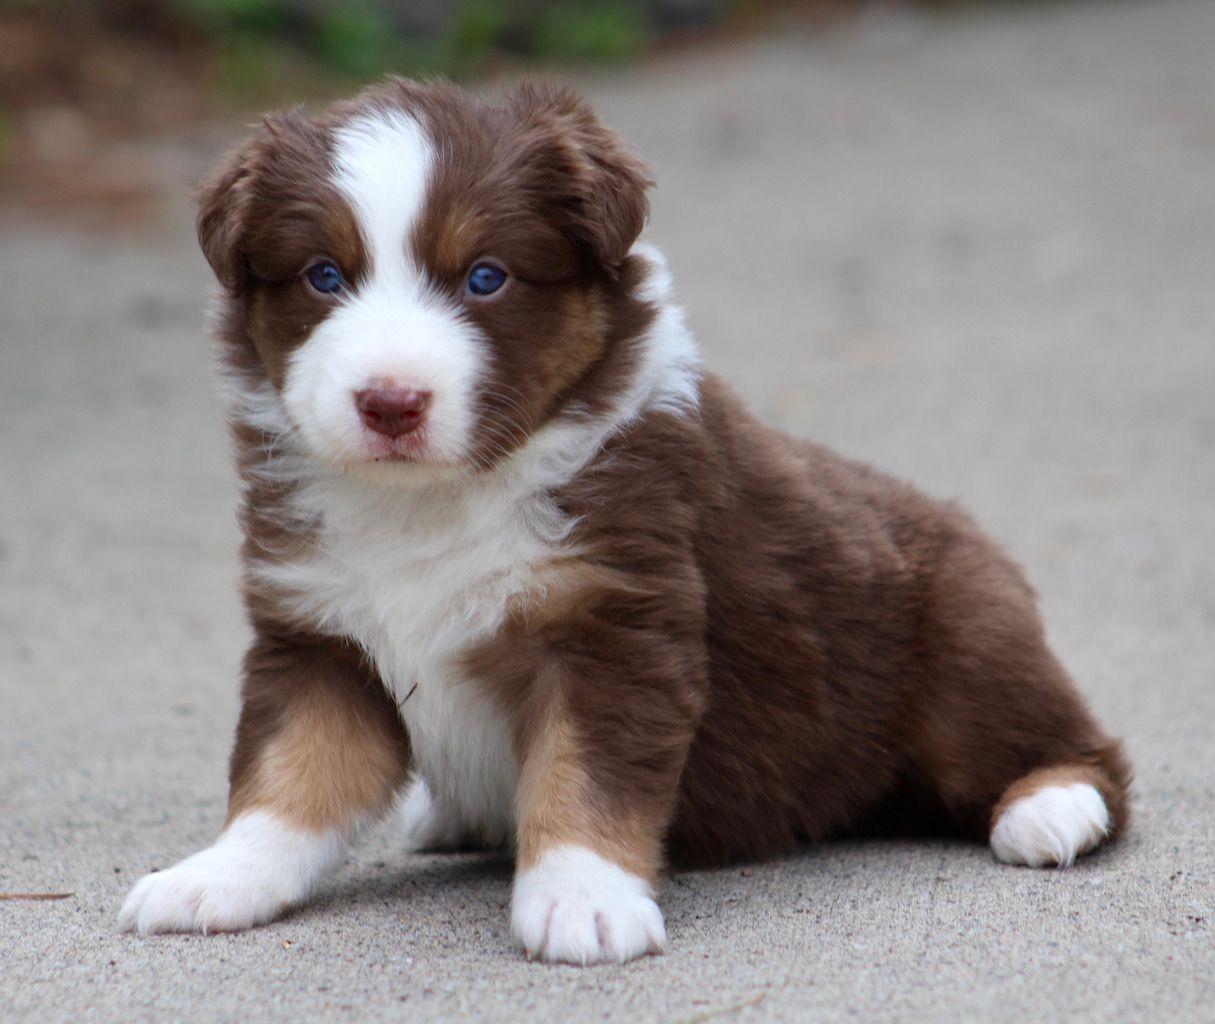 Puppies for sale australian shepherd